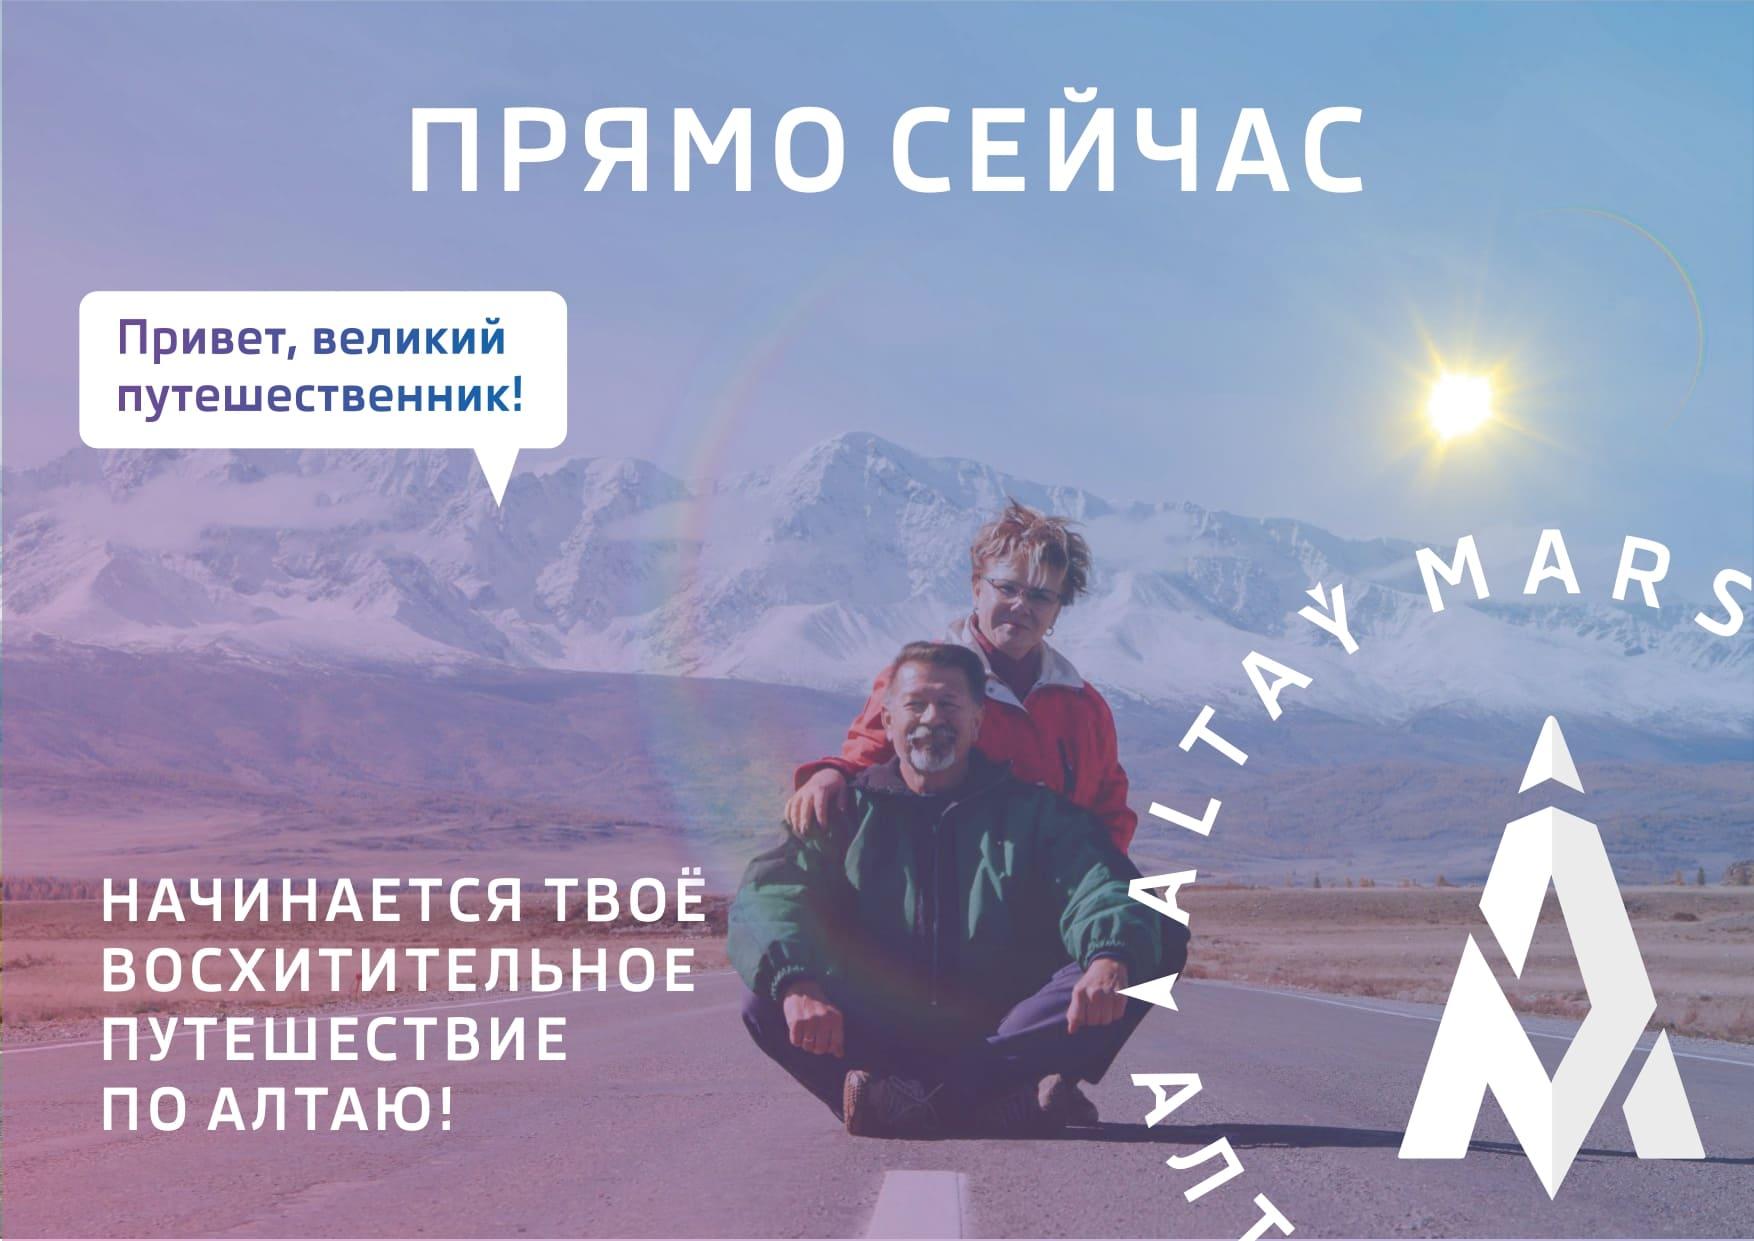 Алтайская кругосветка 10 дн_compressed (6)_page-0001